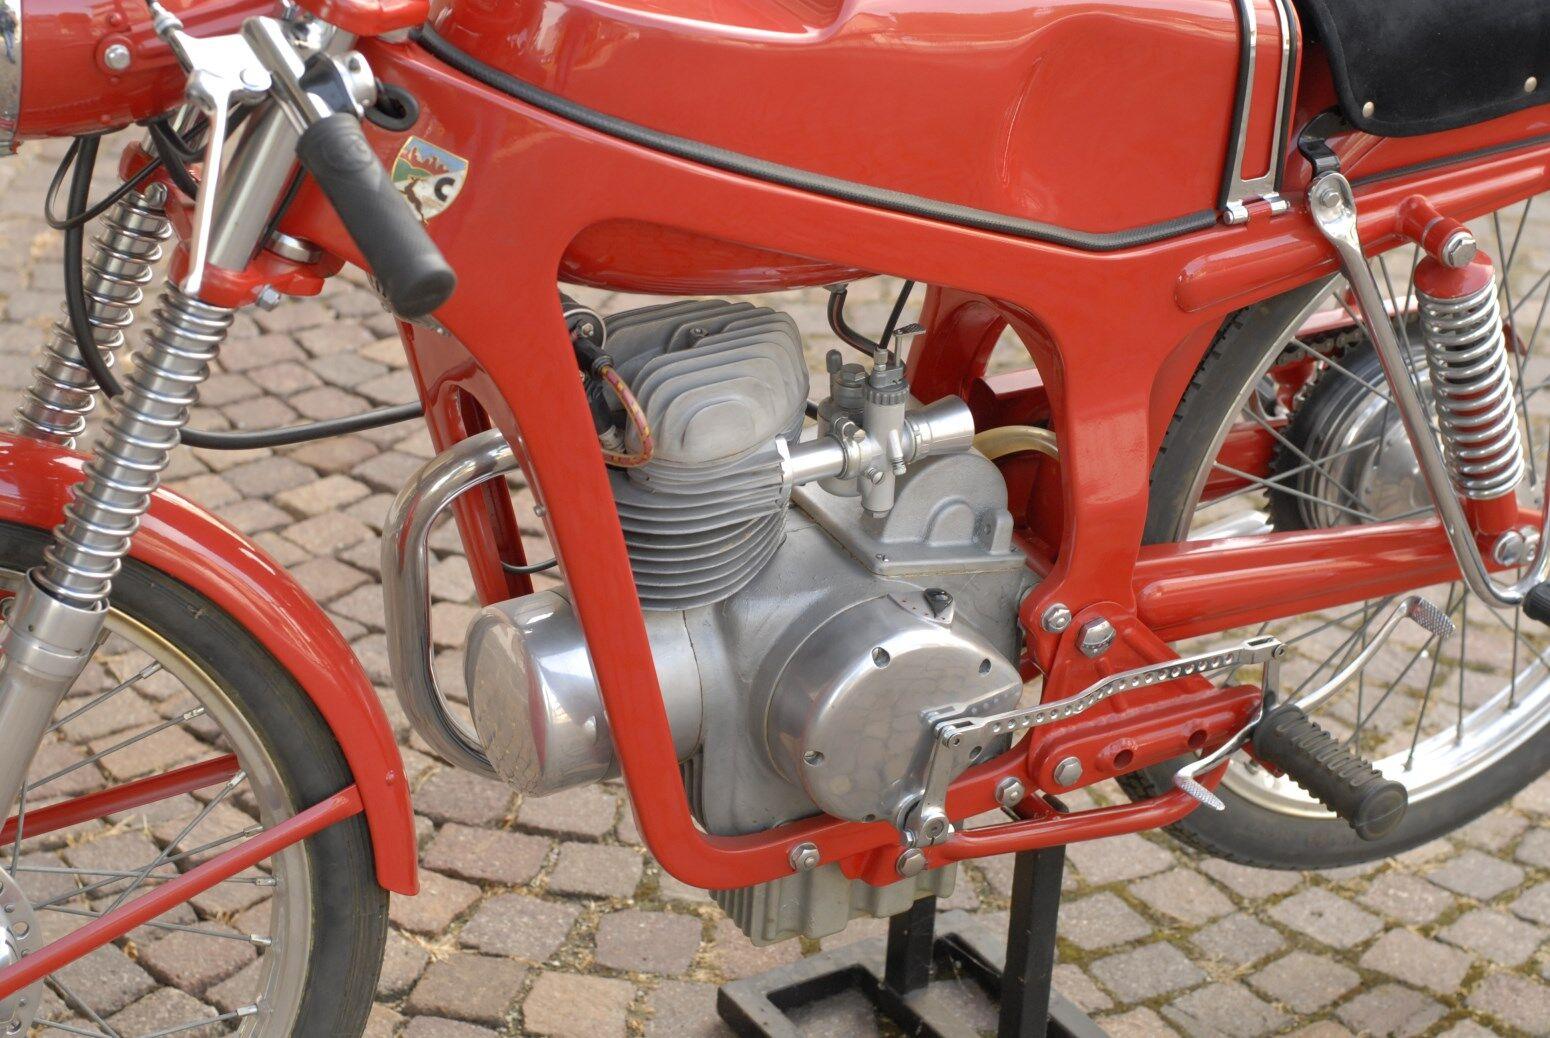 Capriolo 75 cc